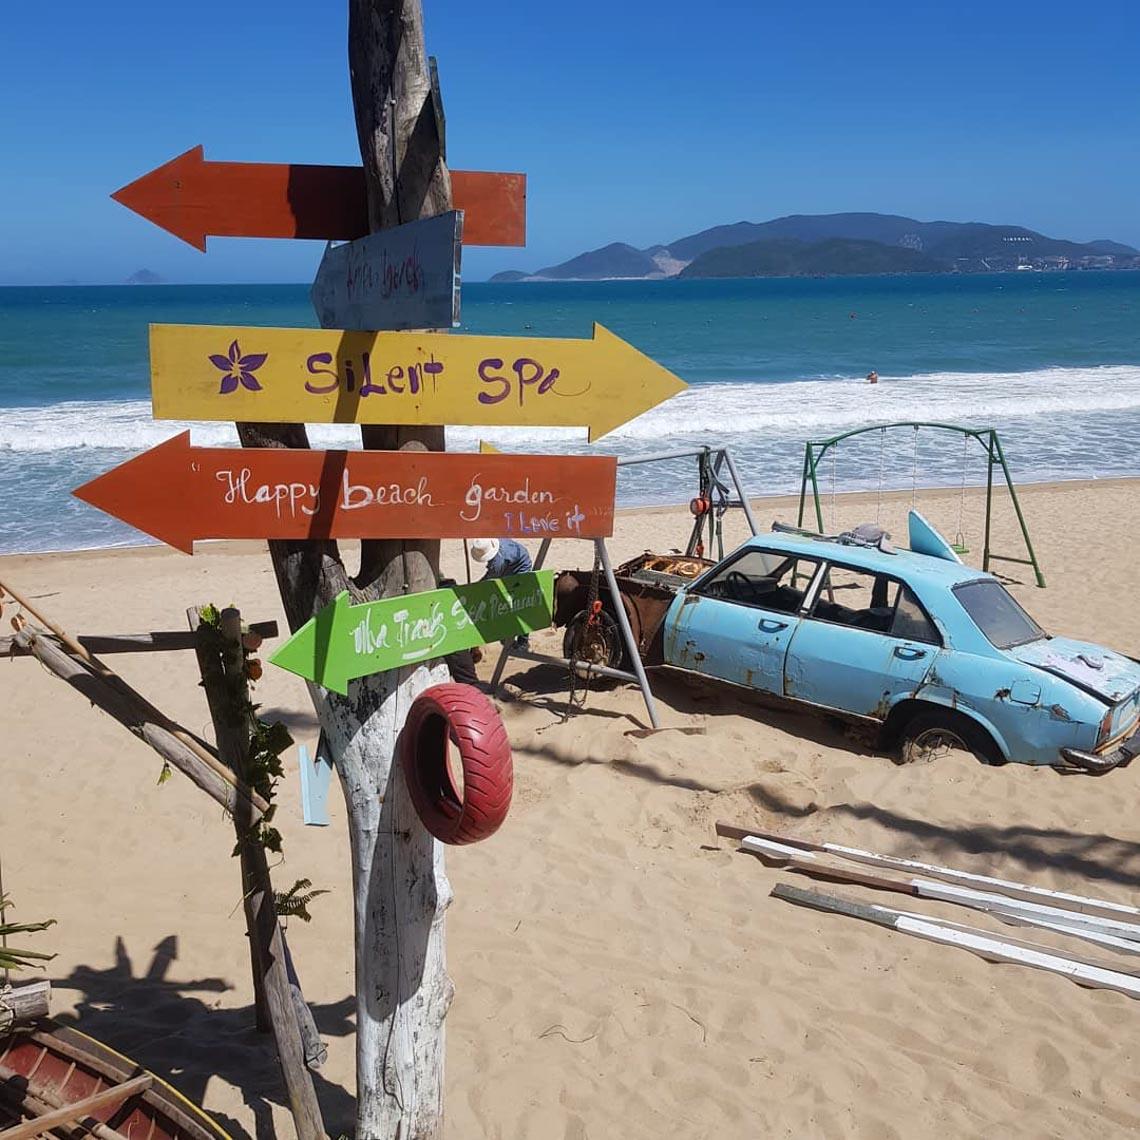 Lý do Nha Trang trở thành 1 trong 29 vịnh biển đẹp nhất thế giới do CLB những vịnh đẹp nhất thế giới bình chọn -5